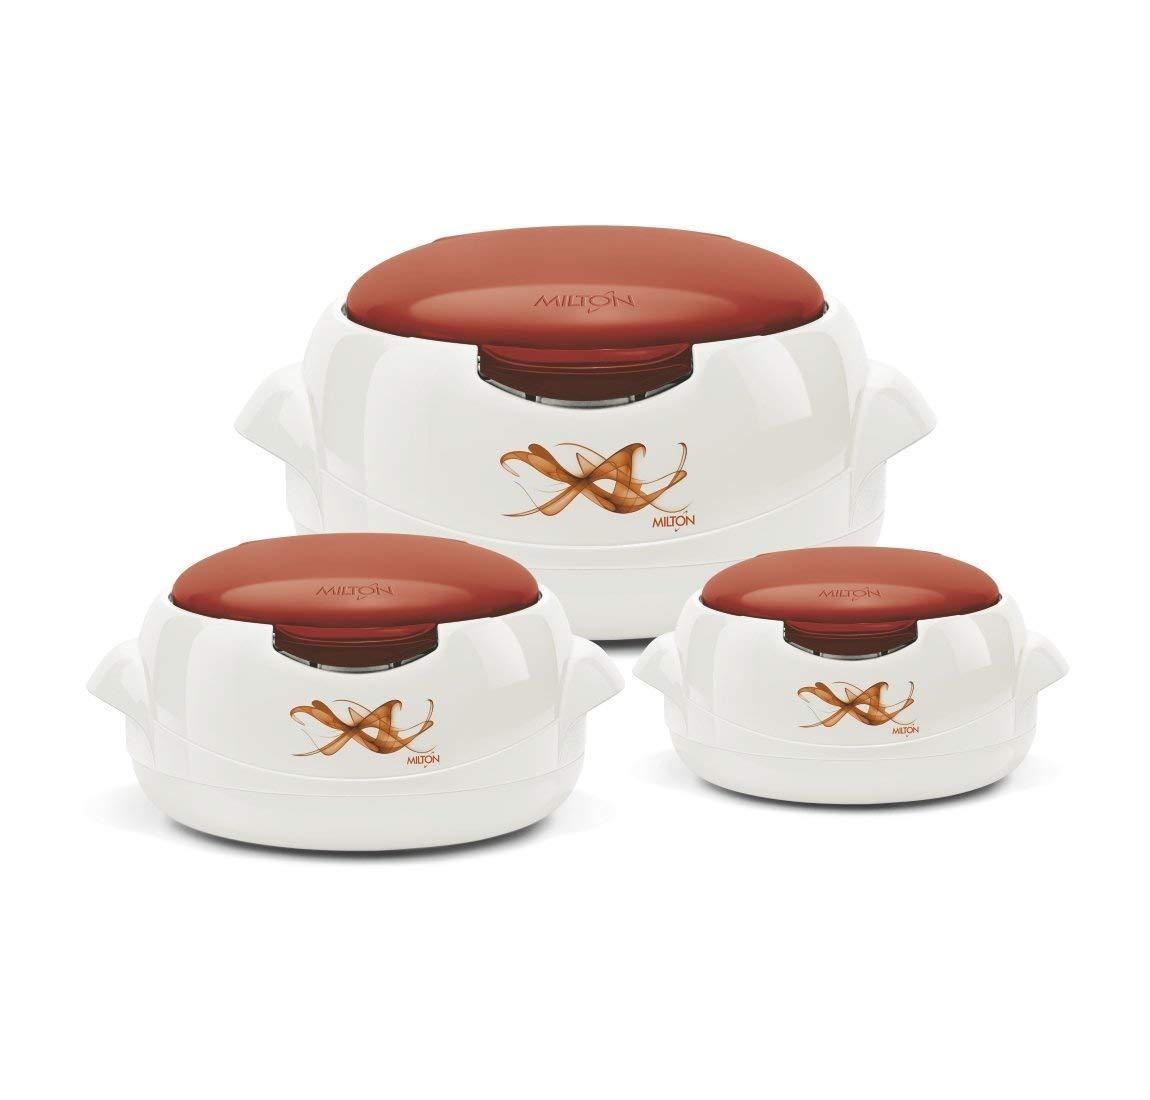 MILTON - Cacerola microondas, Color Crema y marrón, 3 tamaños ...